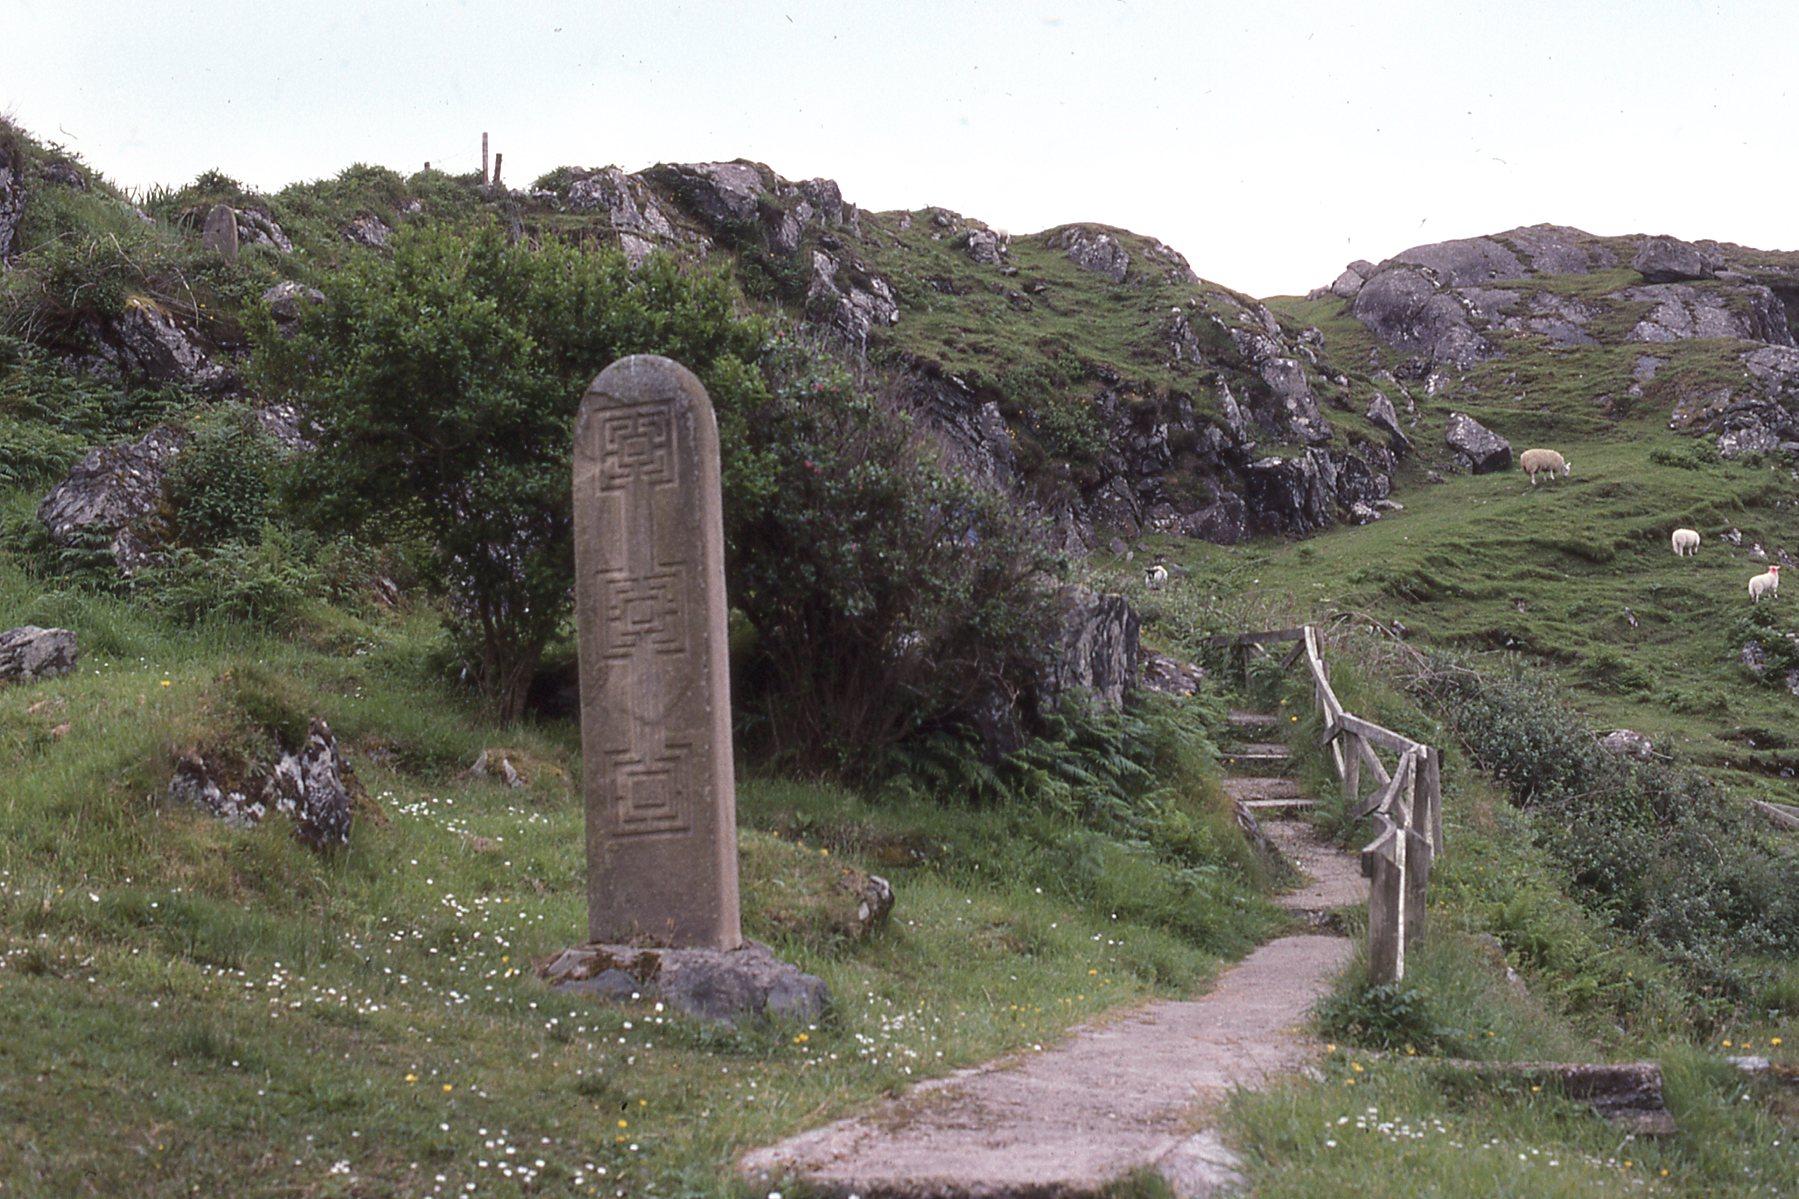 Hills above Glencolmcille